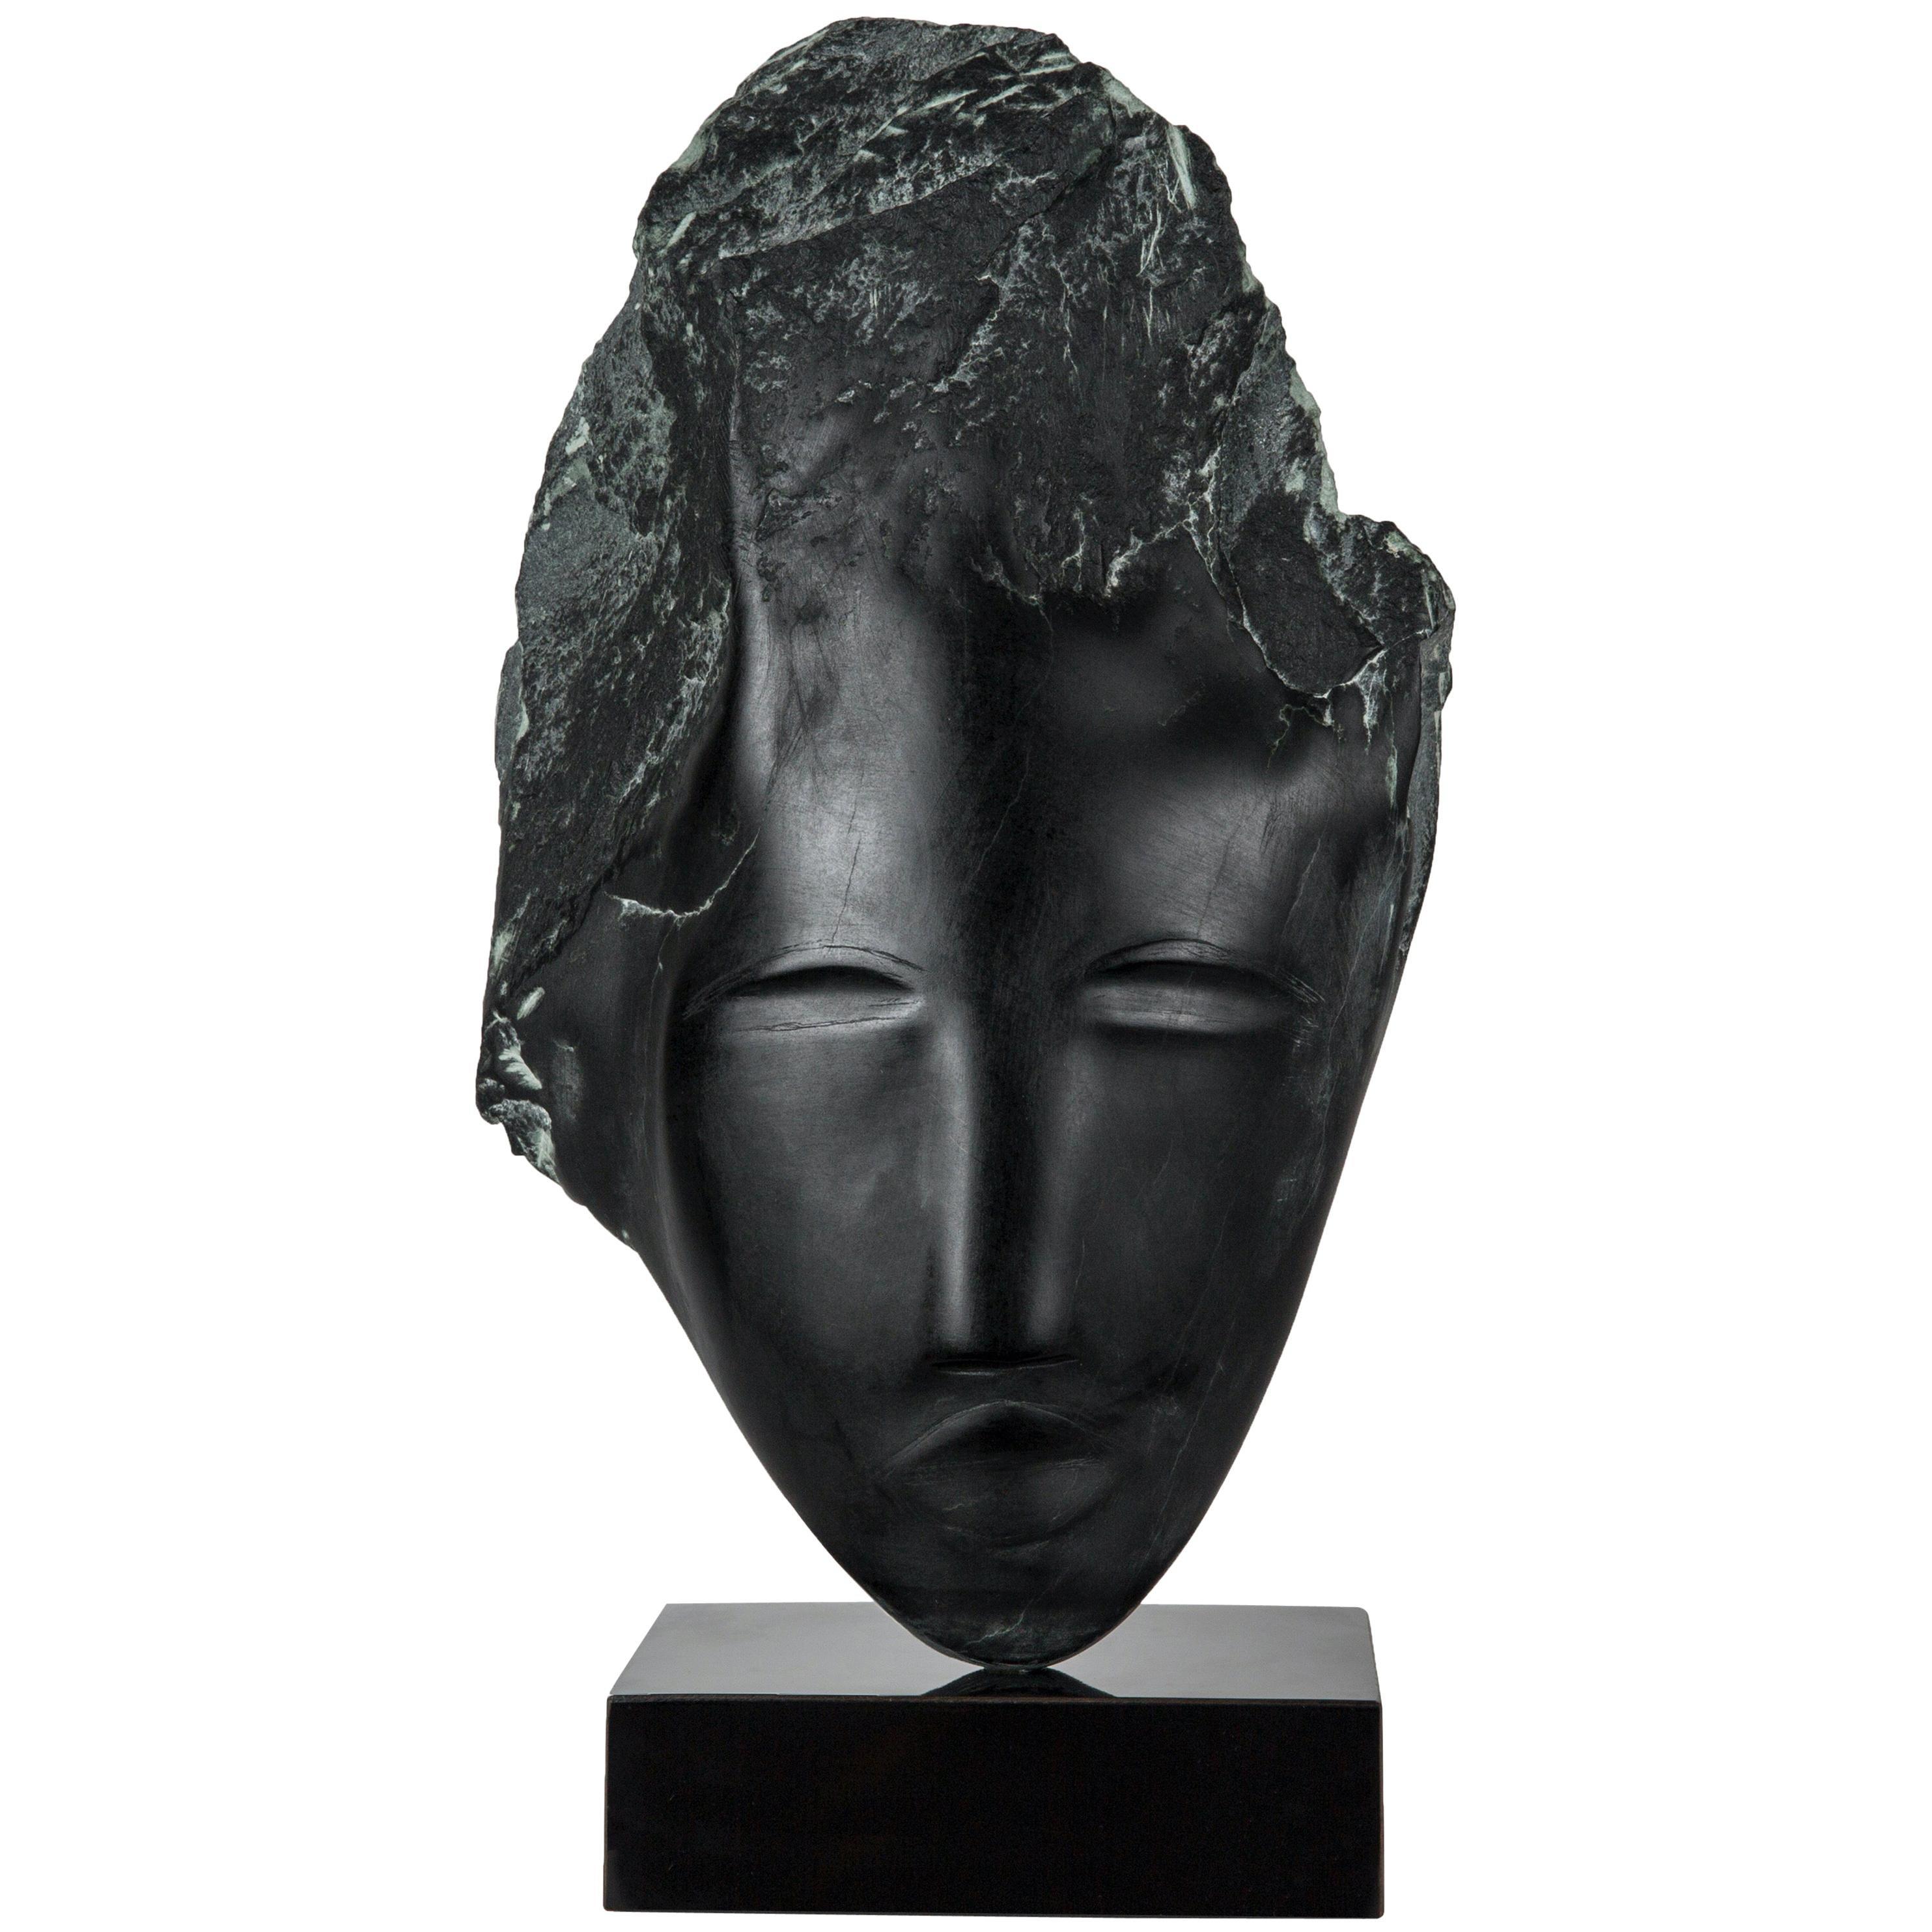 Wendy Hendelman Black Alabaster Head Sculpture, 2019